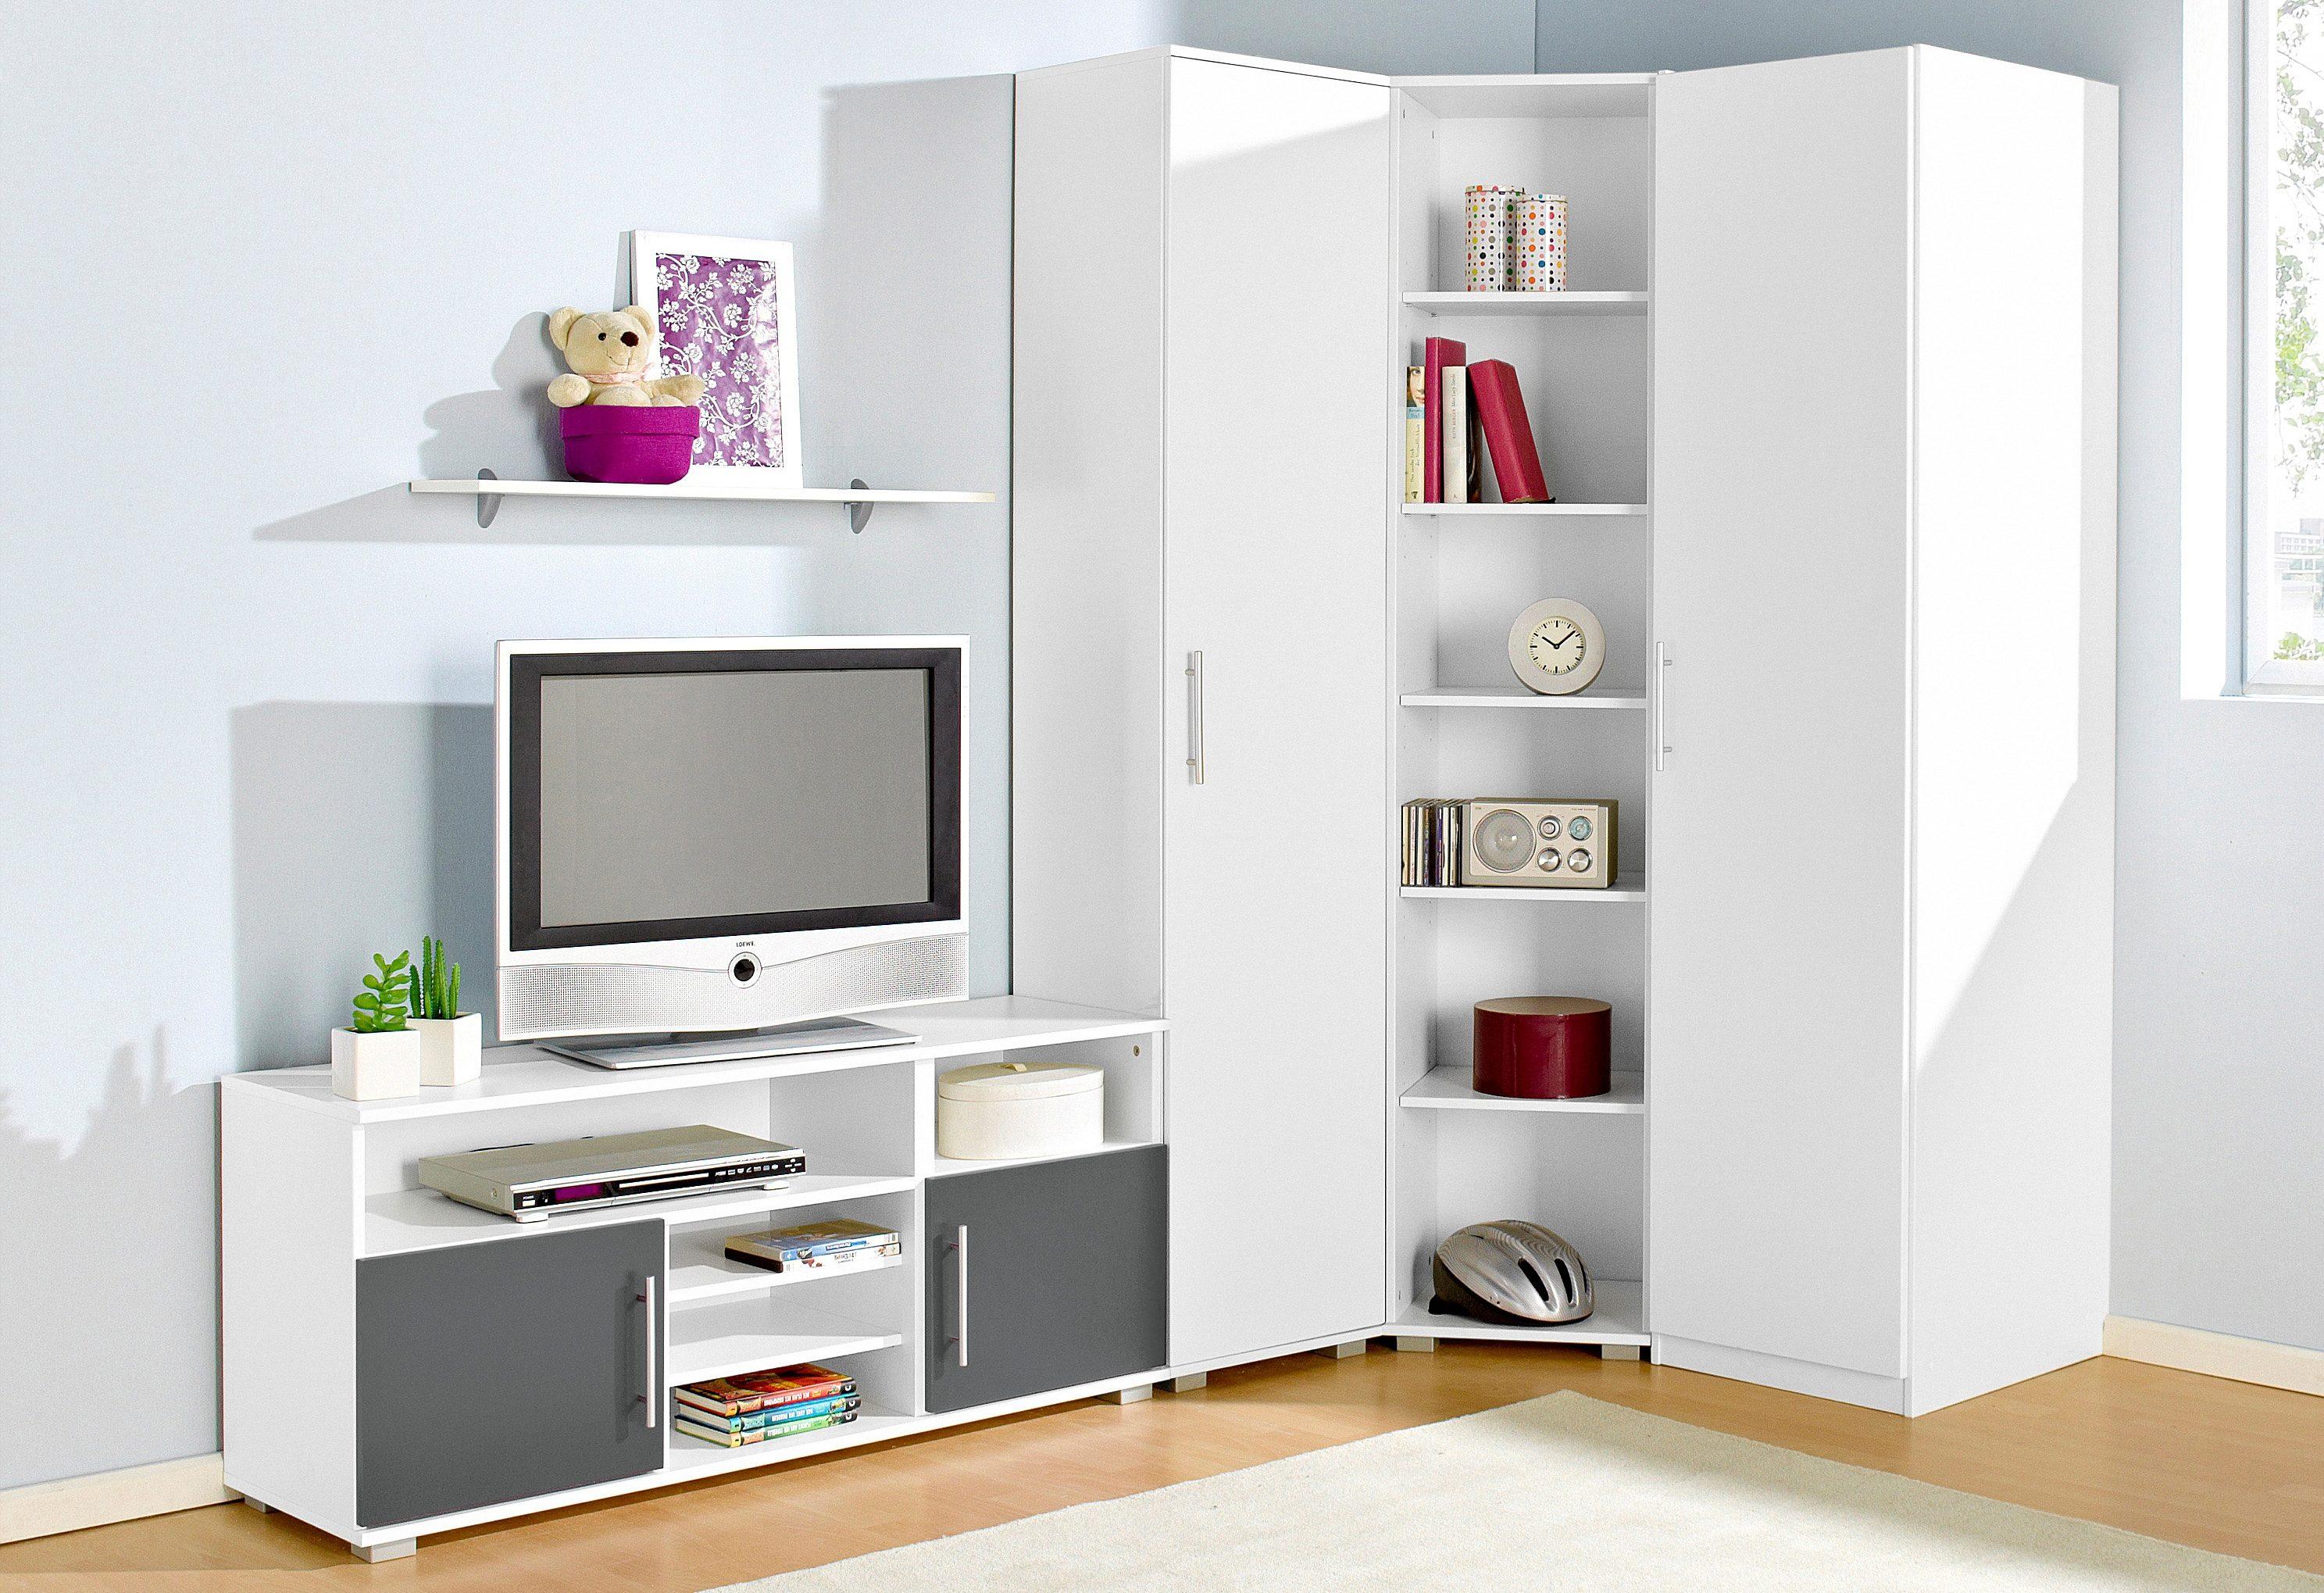 Jugendzimmer-Set (Set 5-tlg)   Kinderzimmer > Jugendzimmer > Komplett-Jugendzimmer   Grau